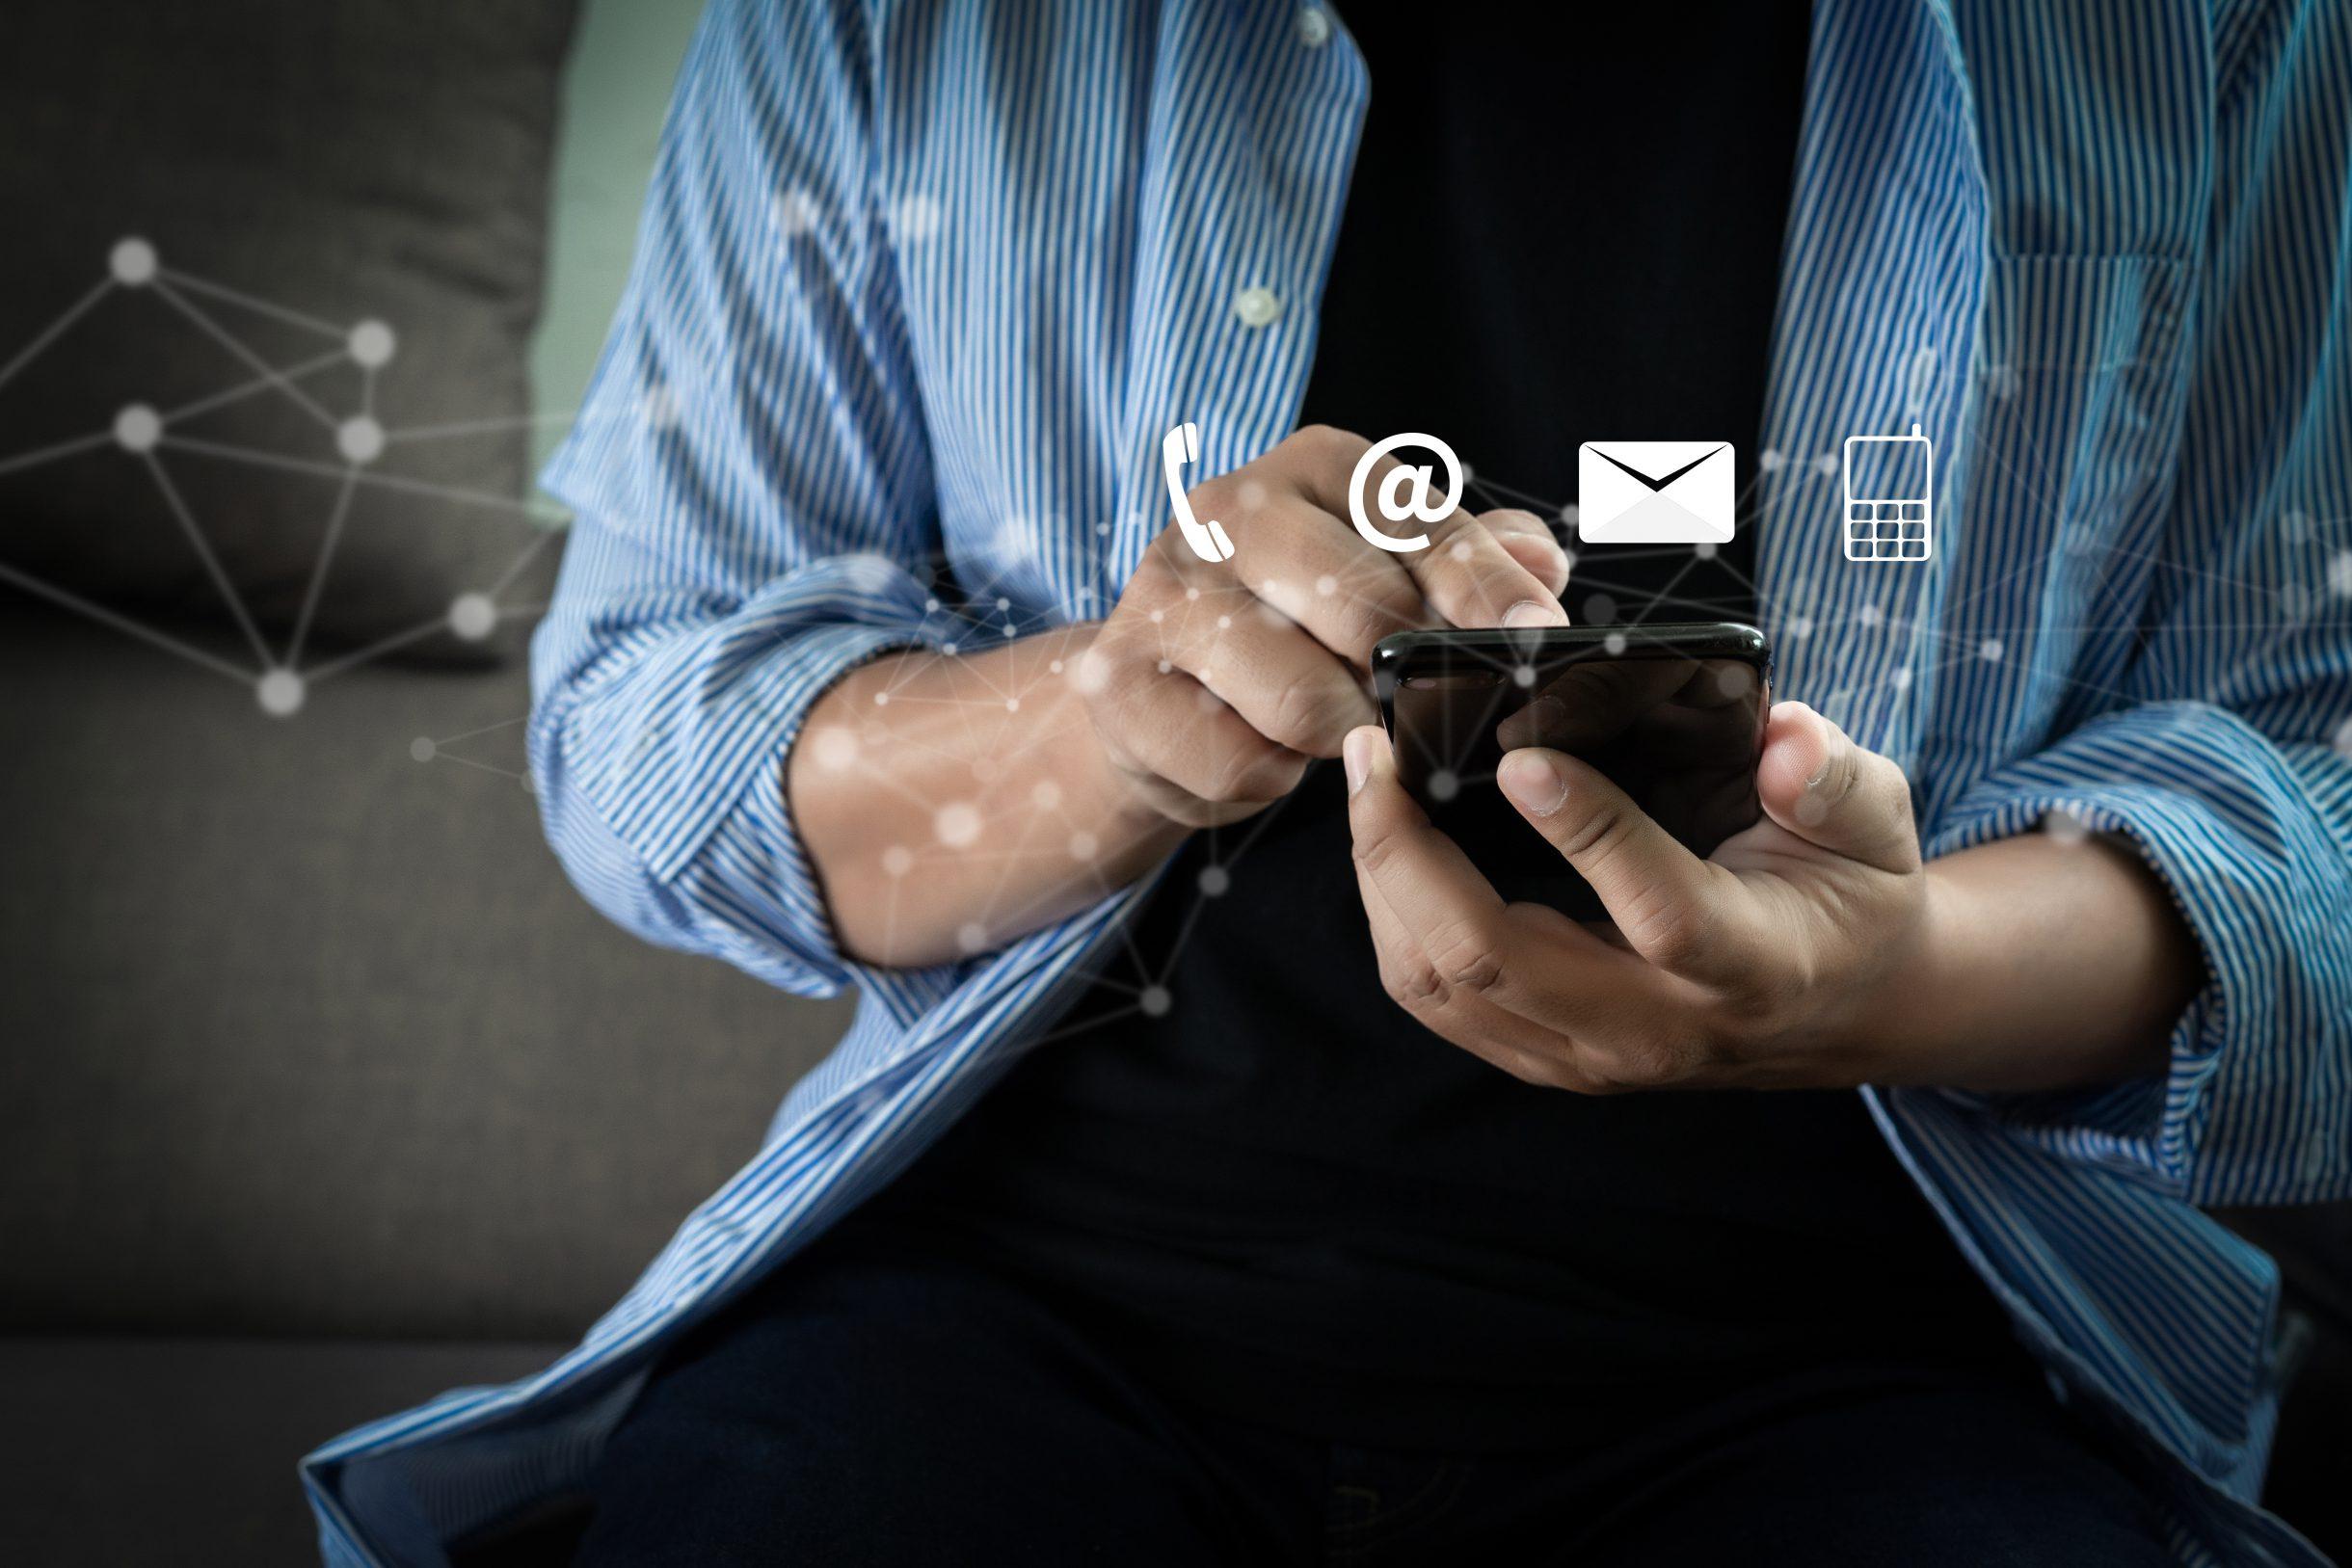 Bild eines Mannes der auf einem Smartfone tippt